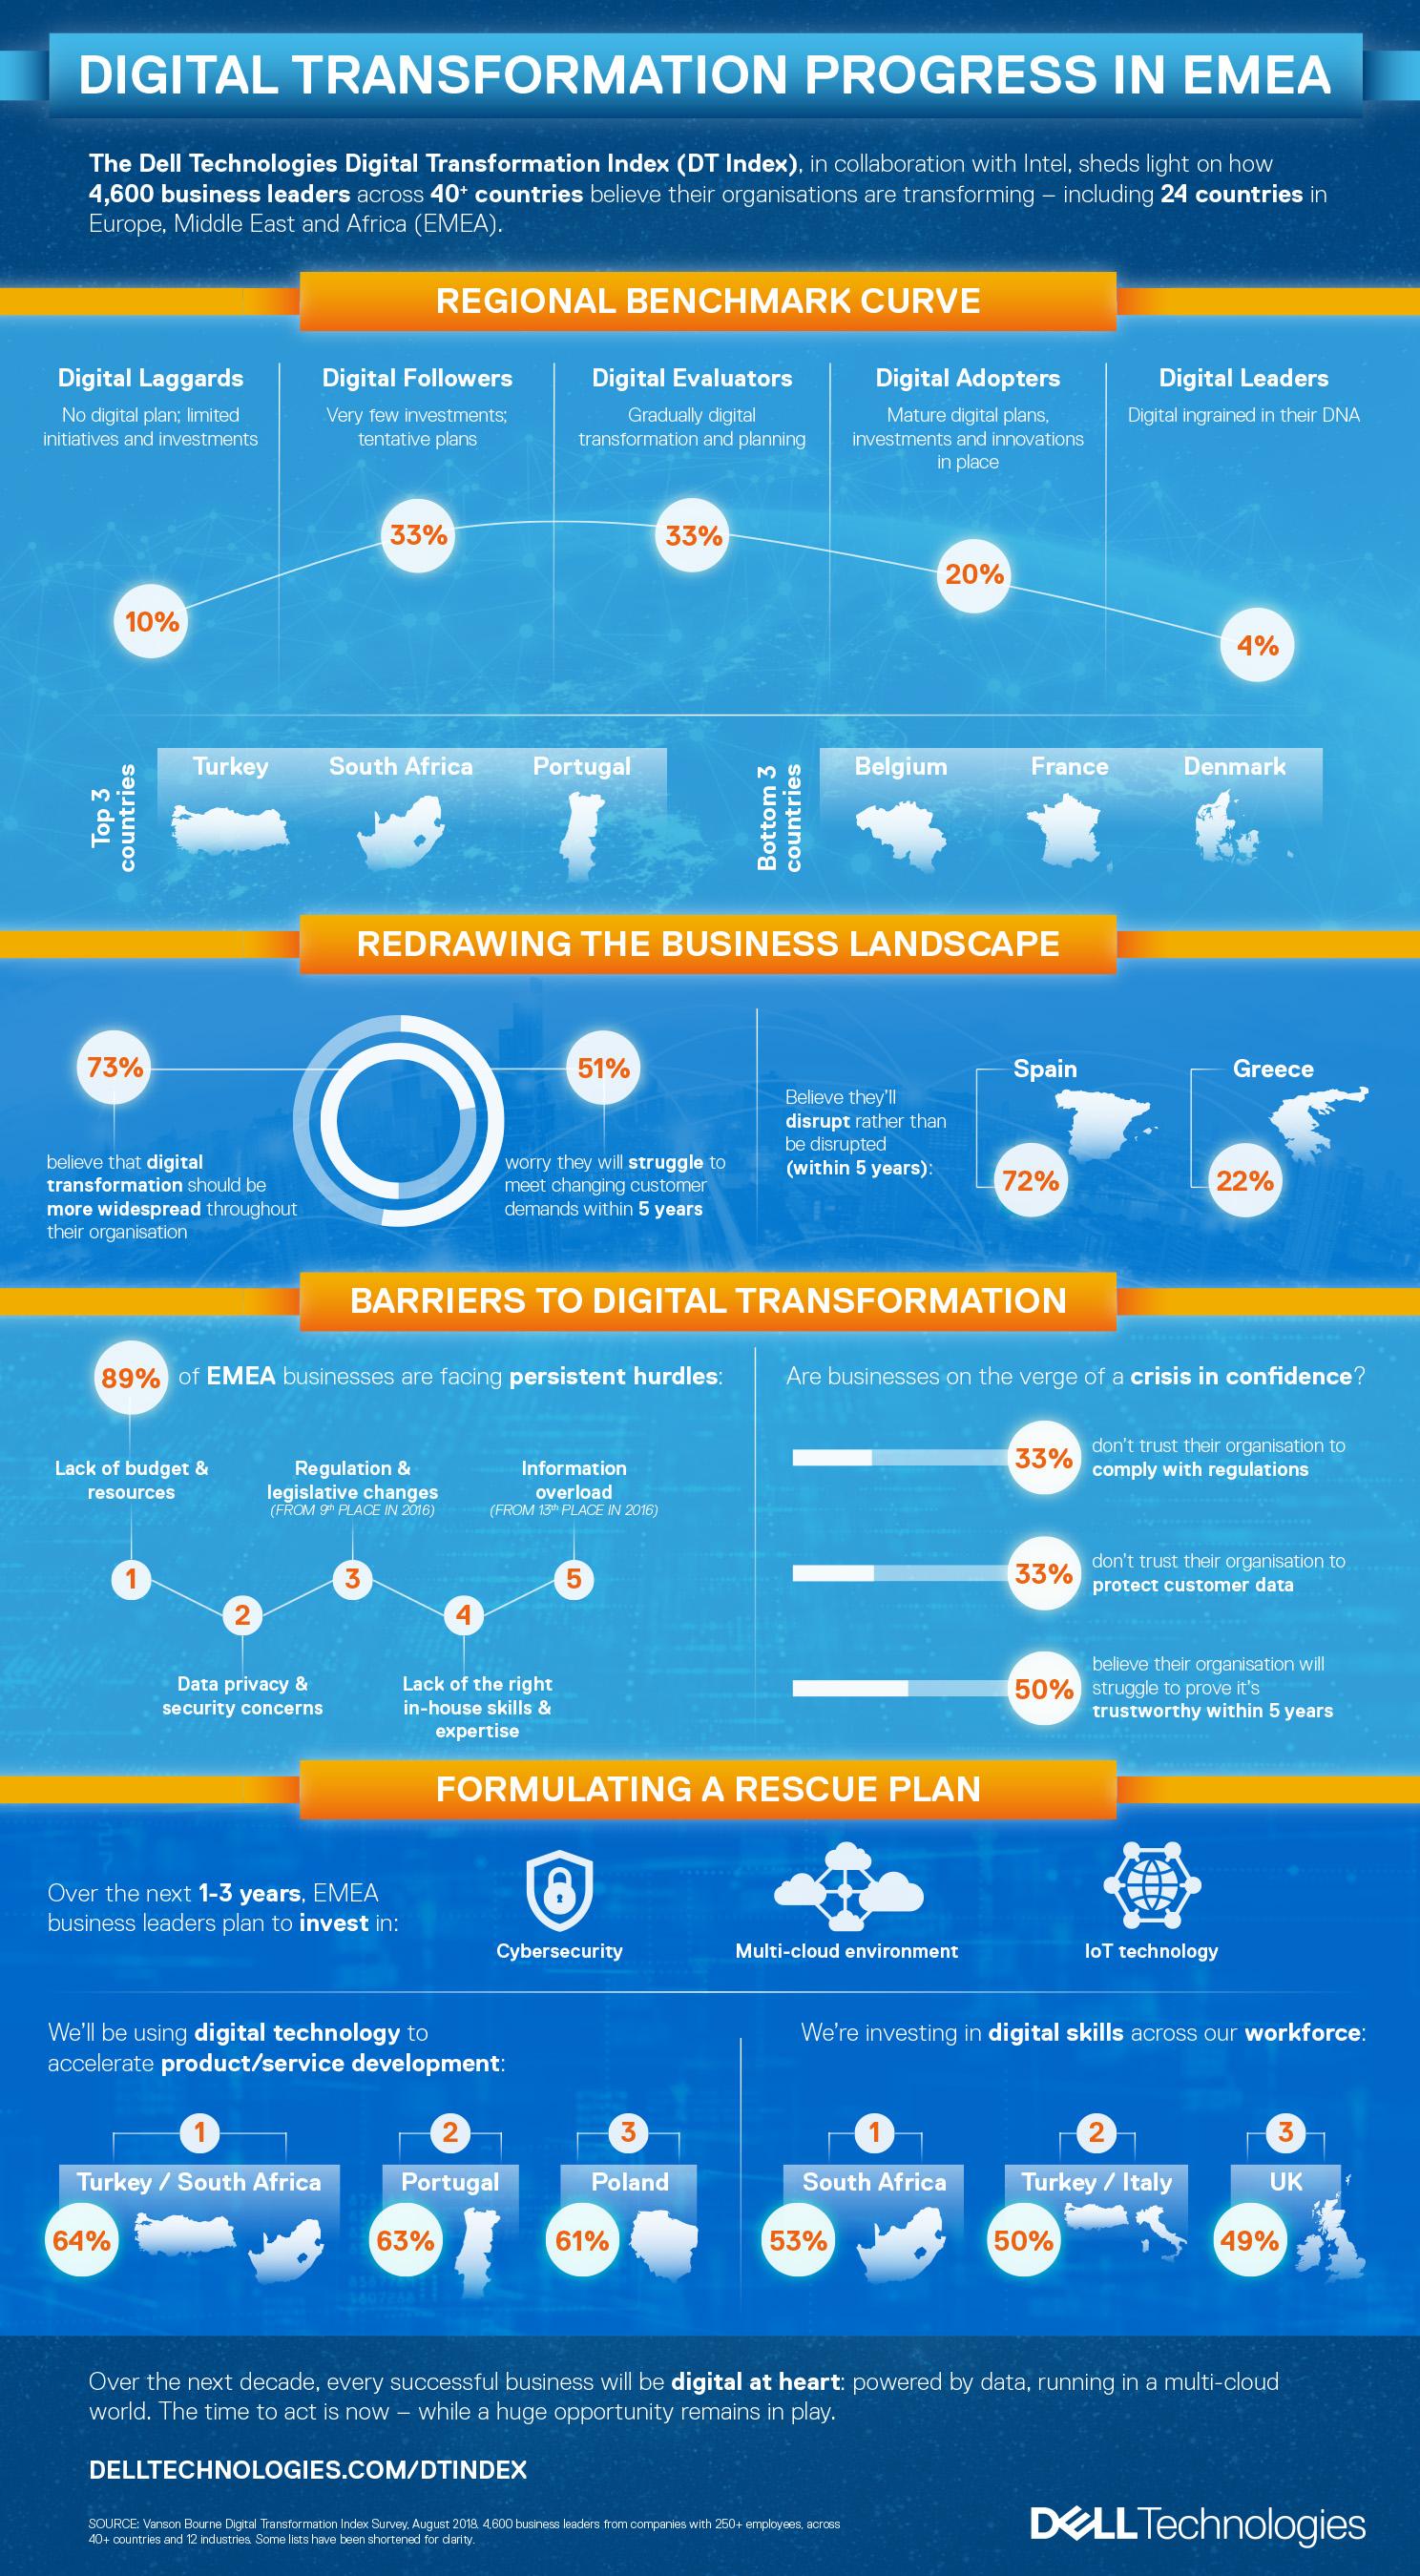 Digital transformation progress in EMEA